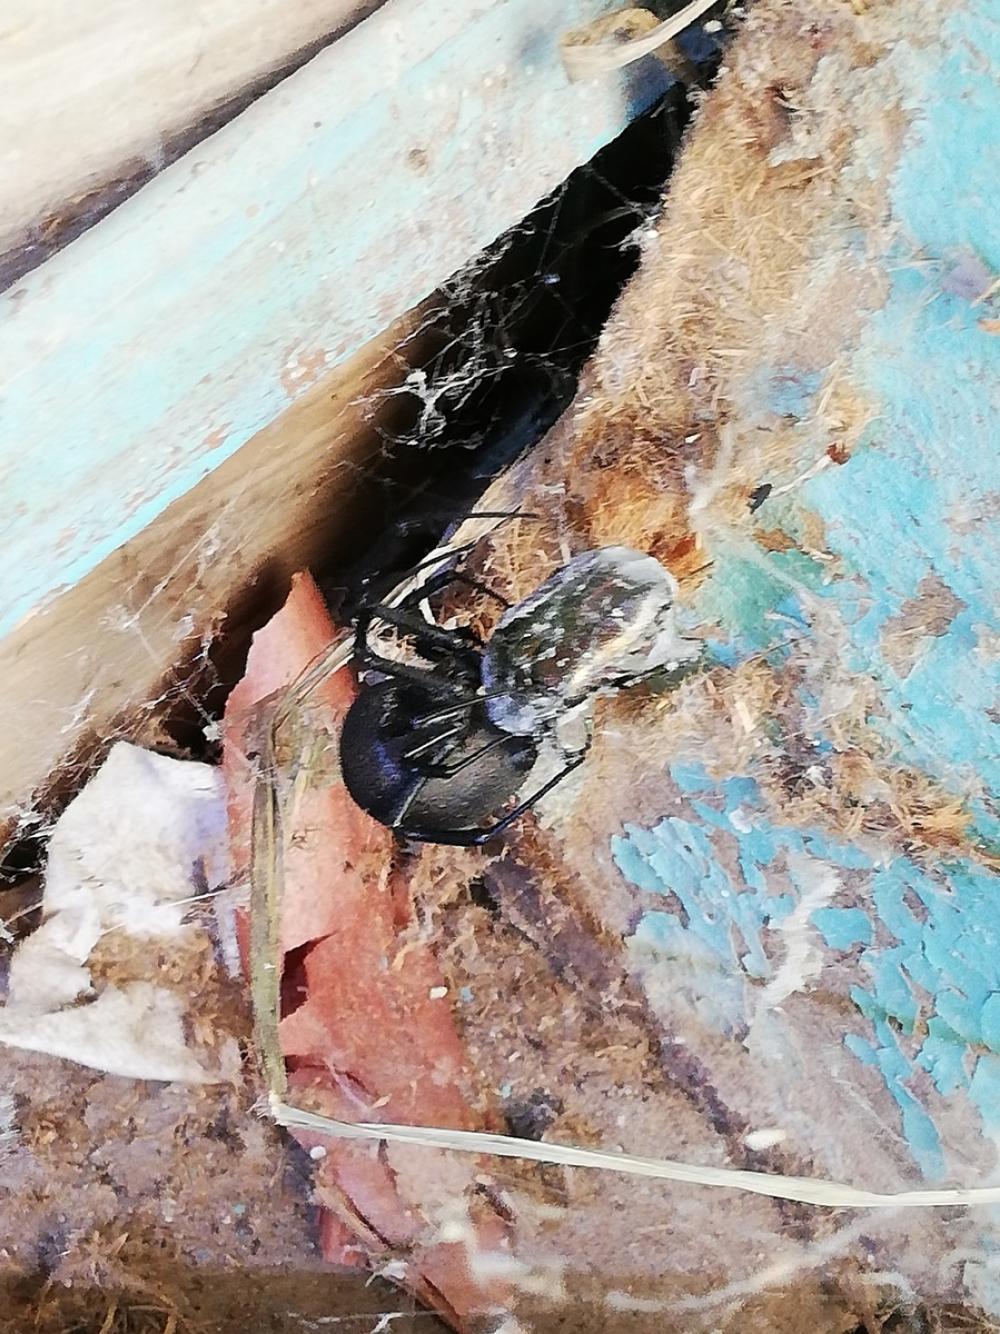 В Астрахани обнаружили страшного ядовитого паука